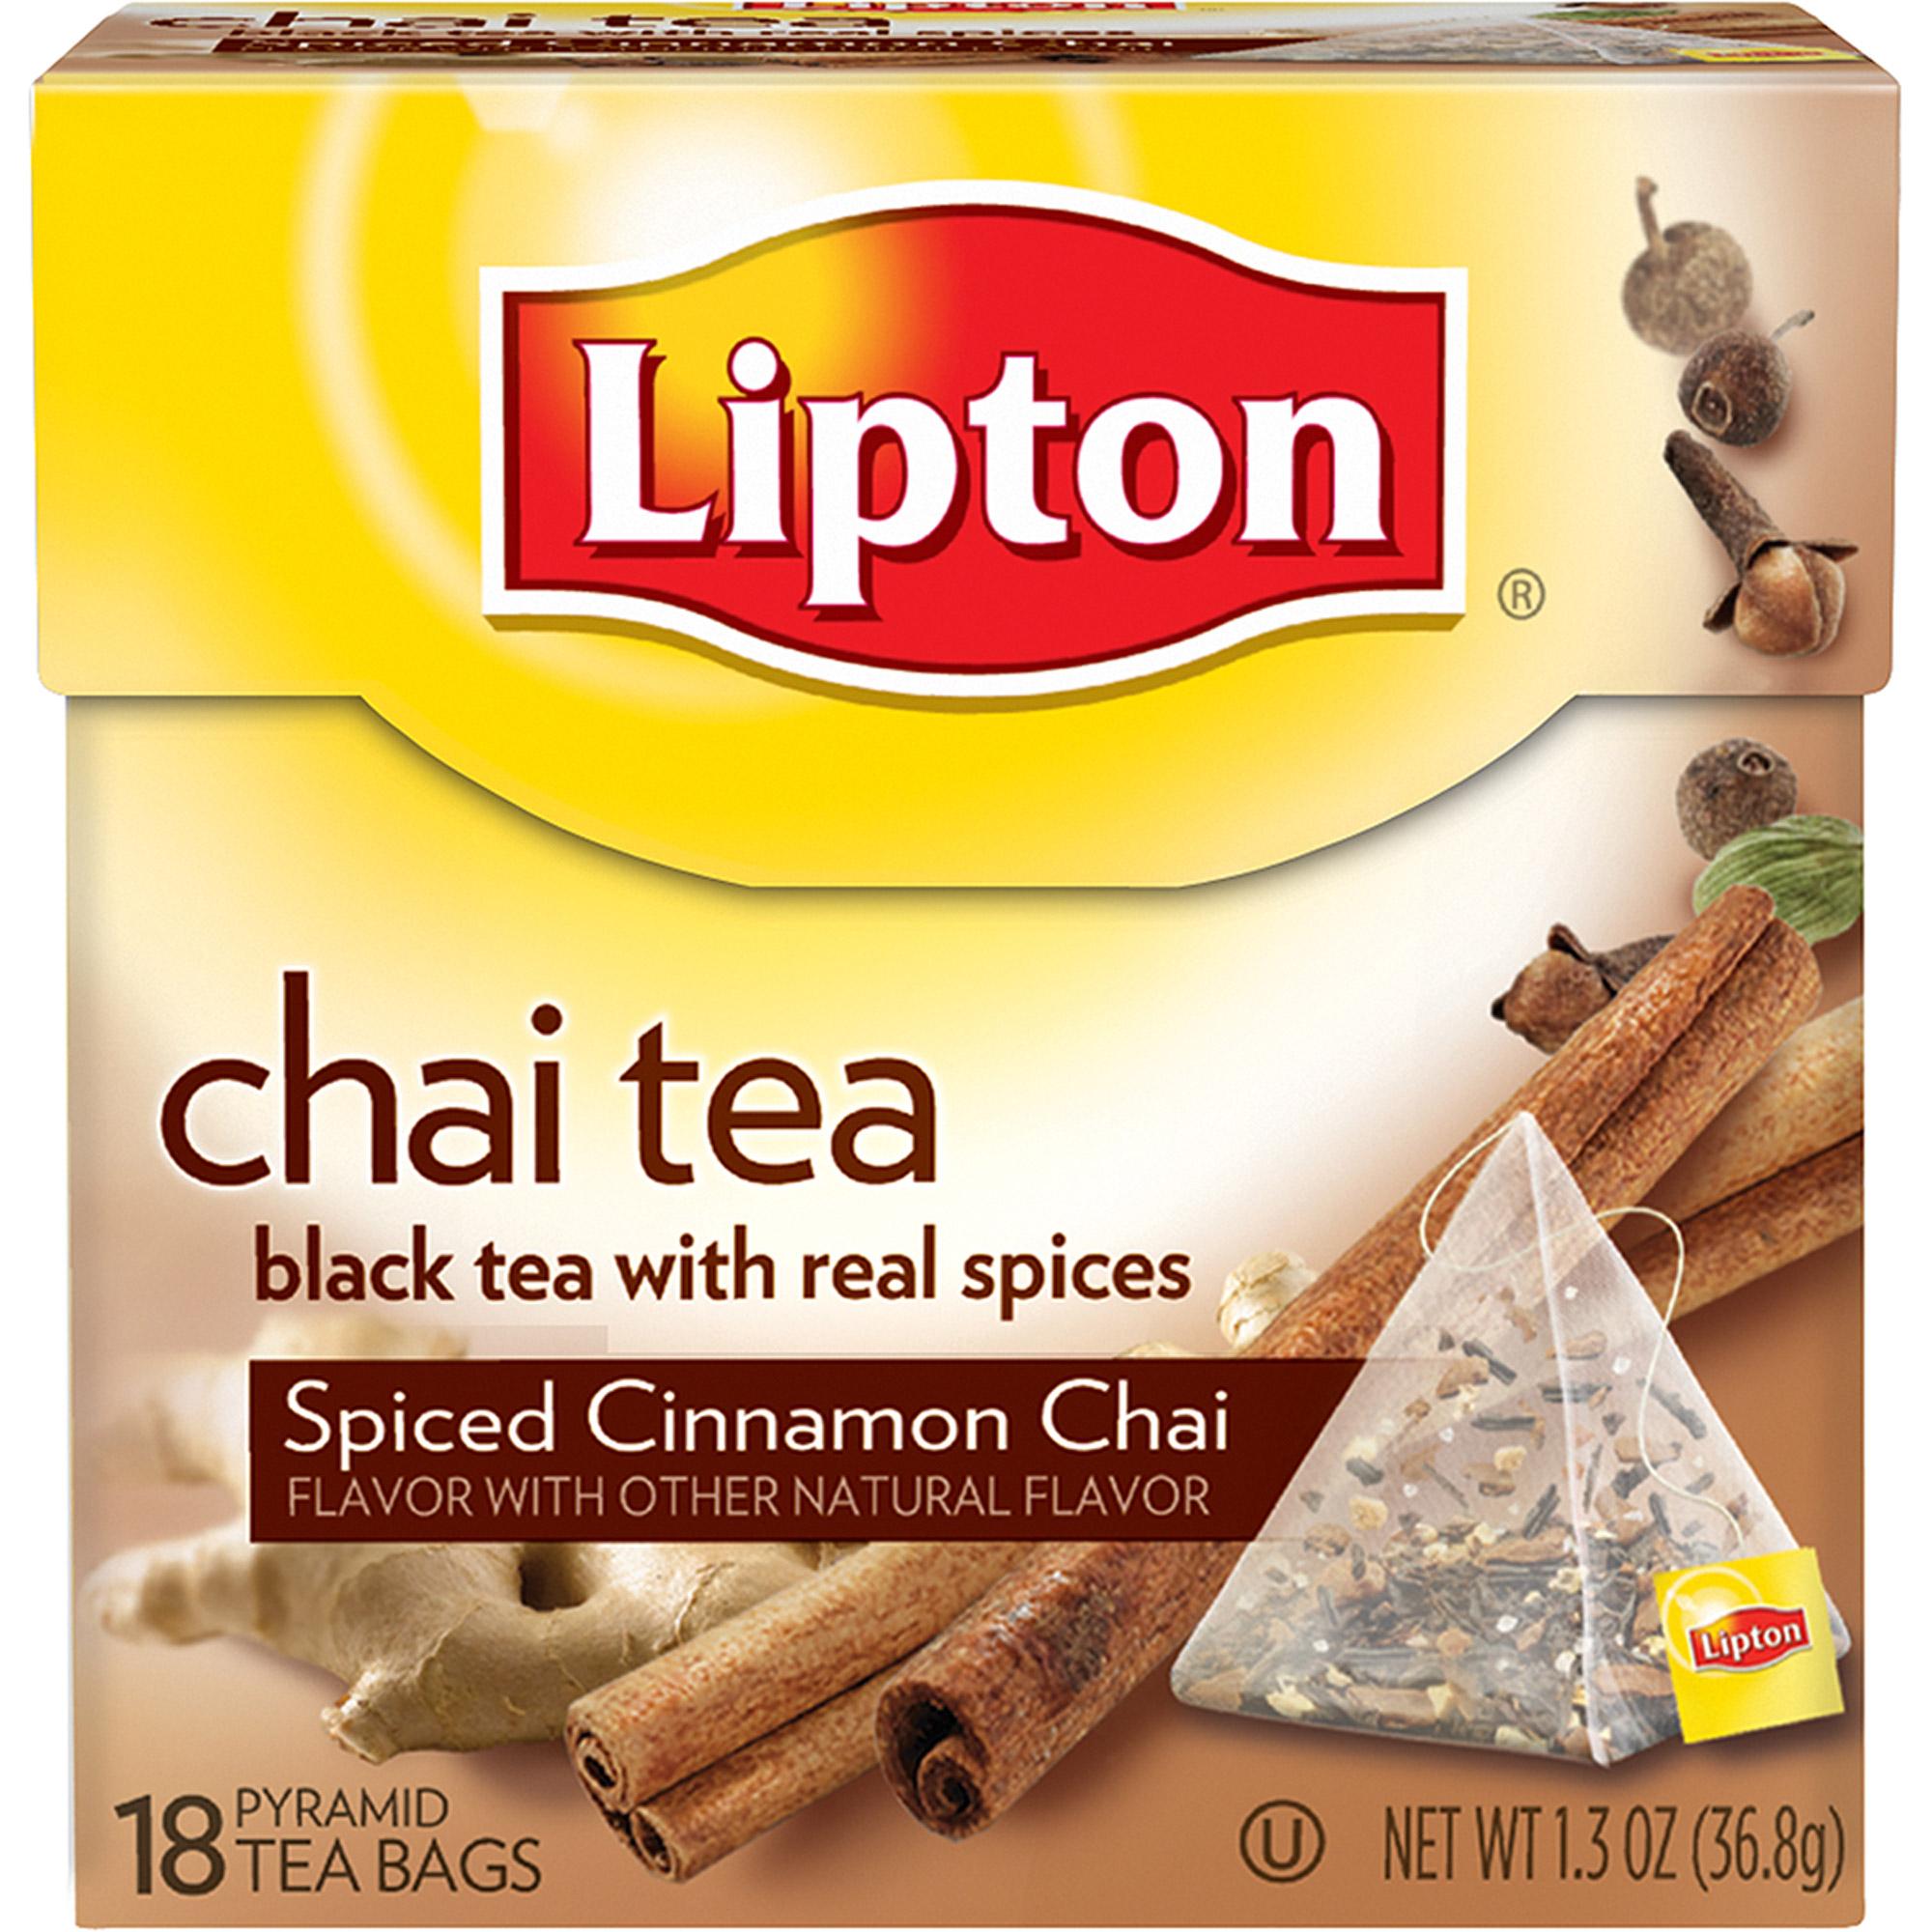 Lipton Spiced Cinnamon Chai Tea Pyramids, 18 ct